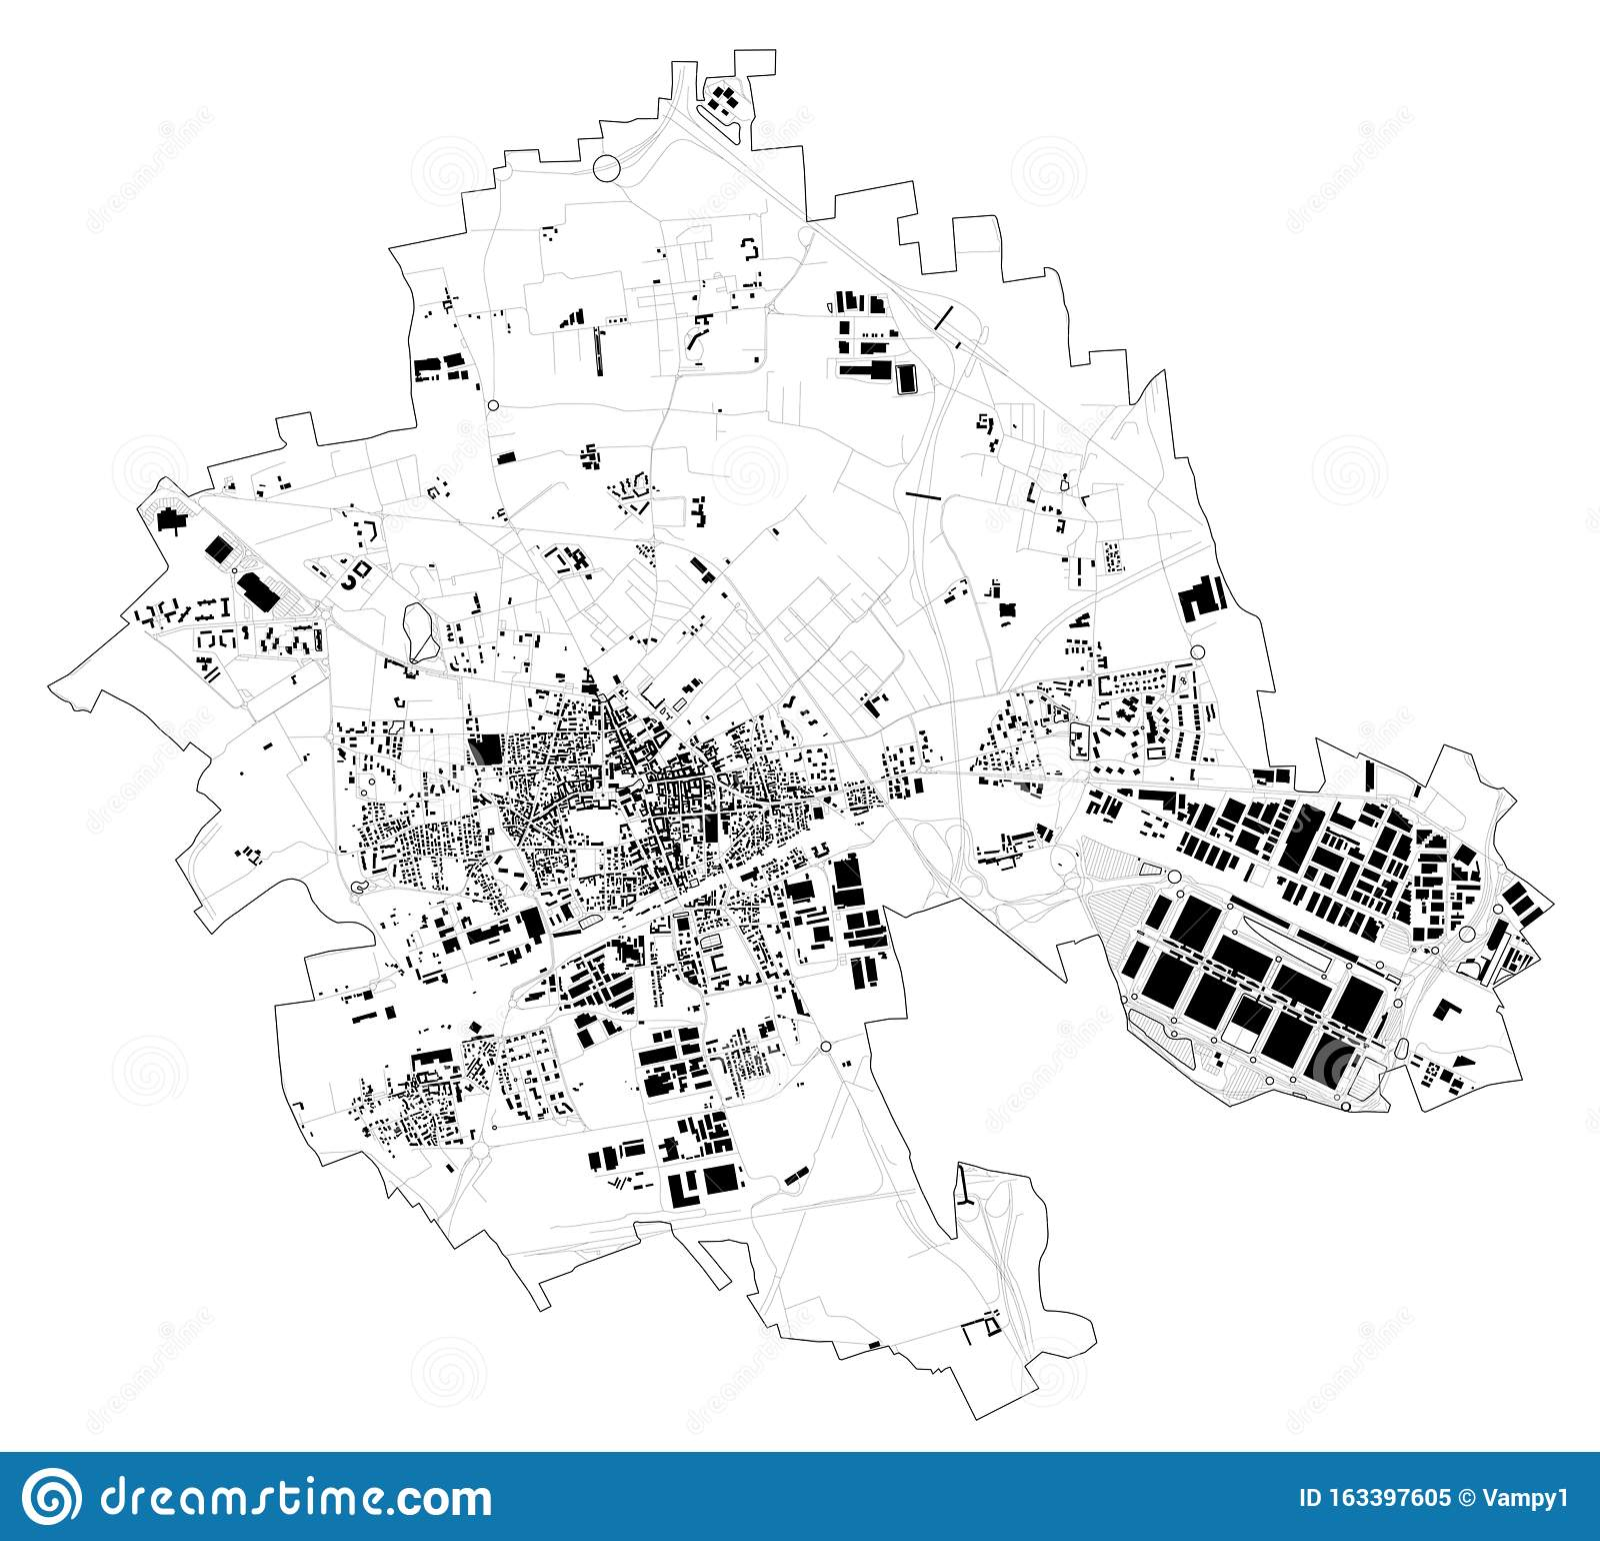 Cartina Satellitare Lombardia.Vista Satellitare Della Citta Di Rho Cartina E Strade Lombardia Milano Italia Illustrazione Vettoriale Illustrazione Di Posizione Cartografia 163397605